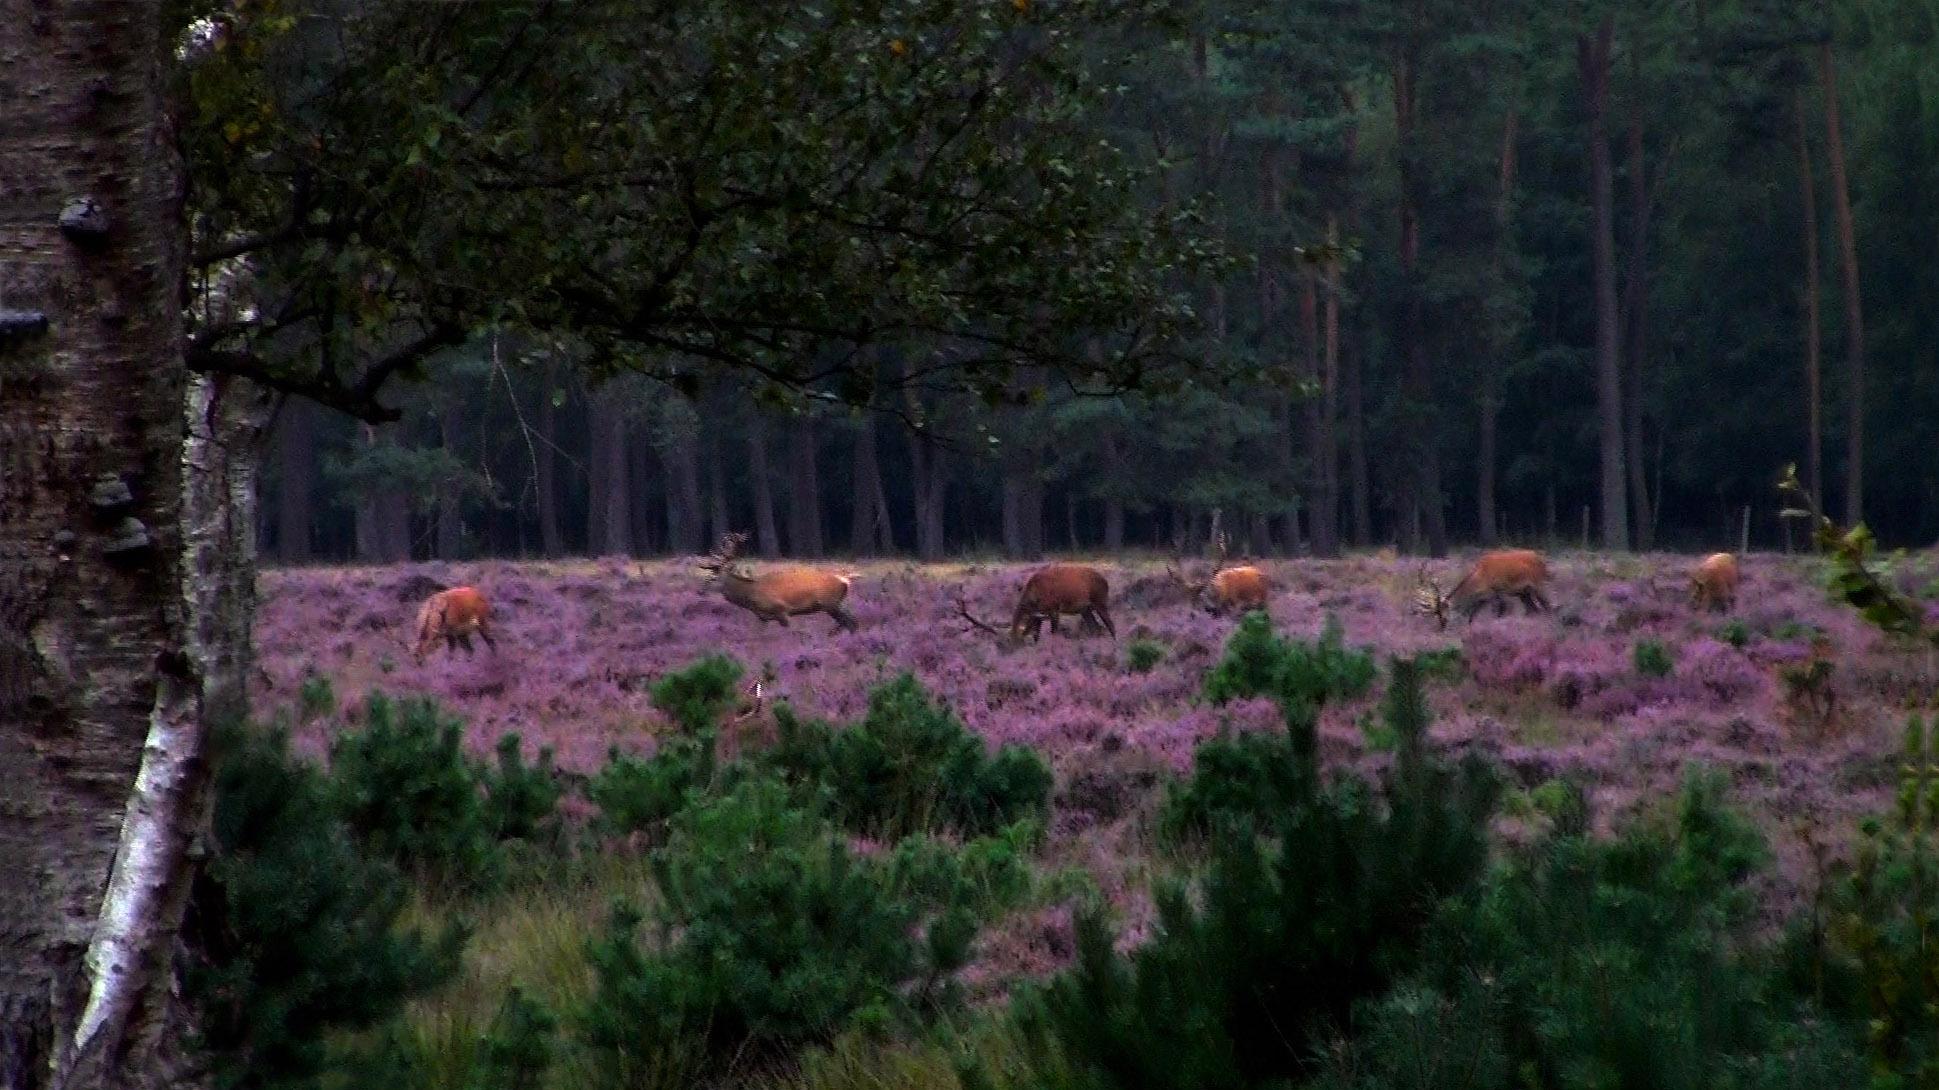 Het roedel edelherten trekt door de bloeiende heide - Foto: ©Jannie van den Berg